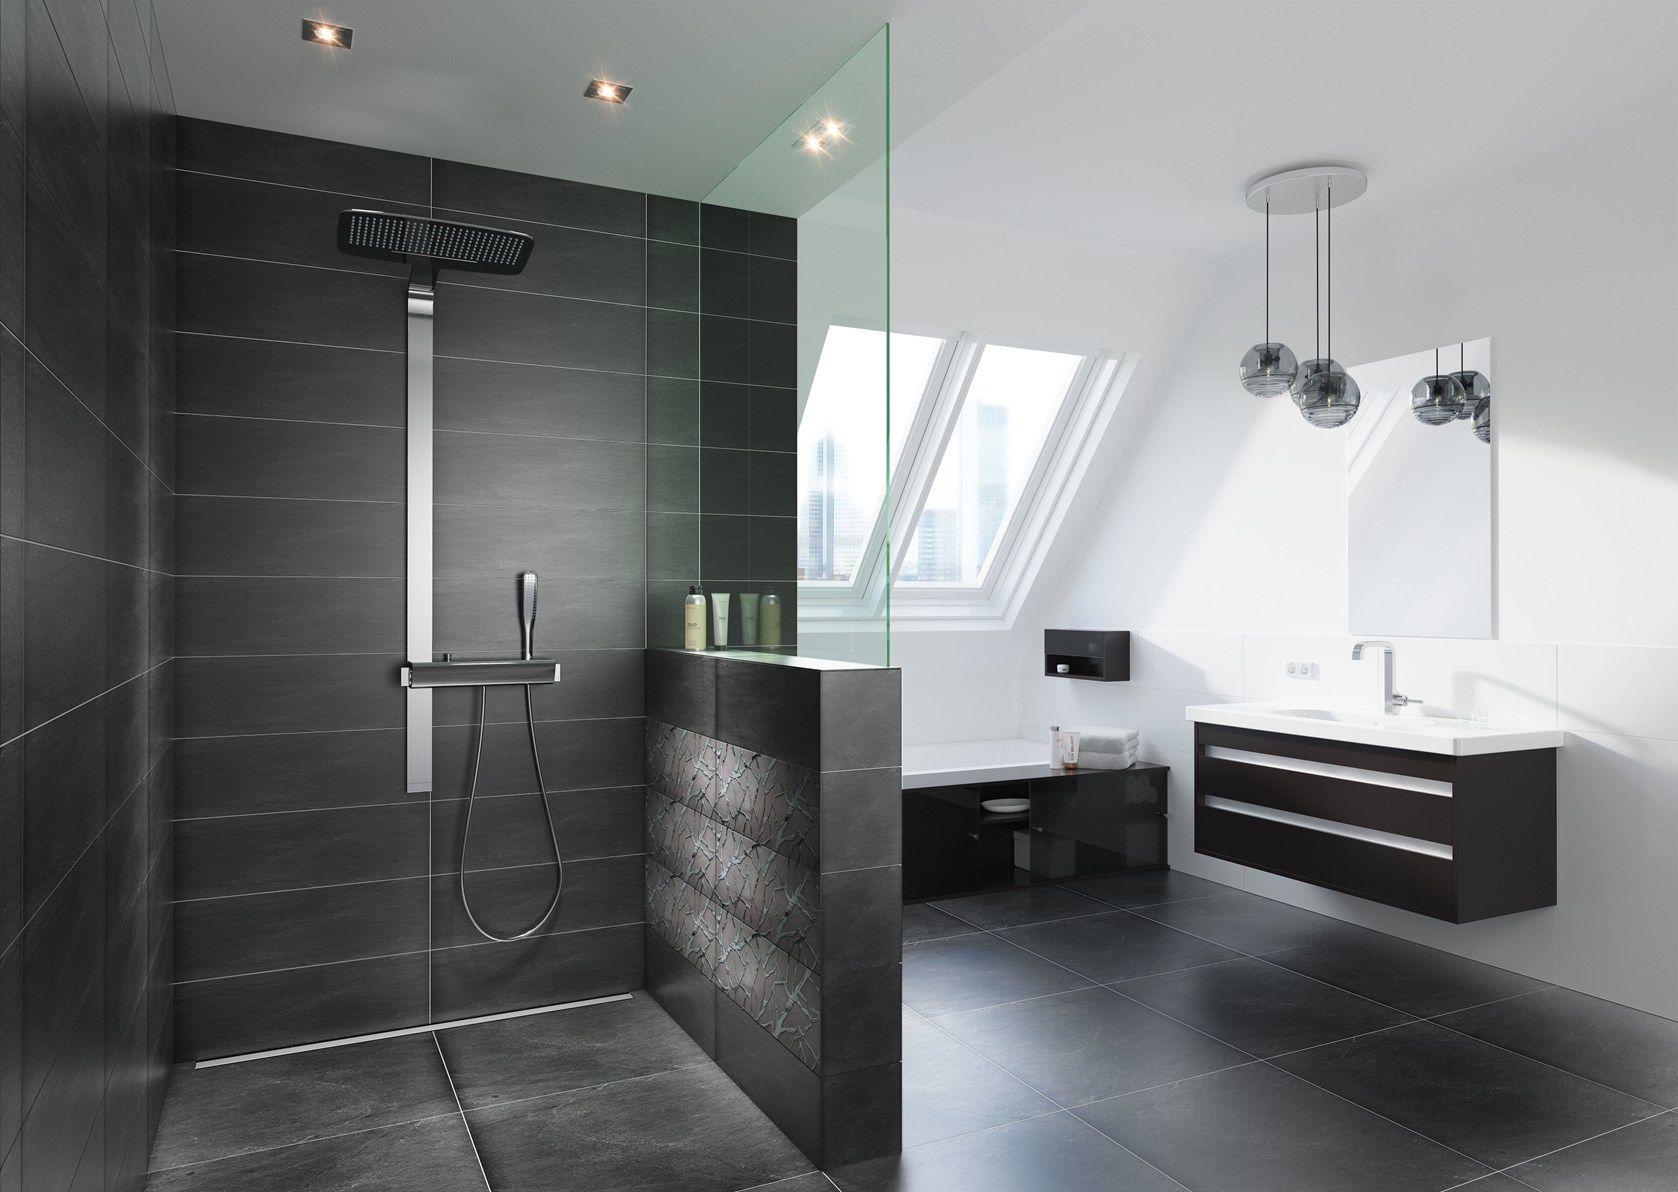 Vasca Da Bagno Filo Pavimento : Bagno con doccia a pavimento bagno con doccia a pavimento bagno